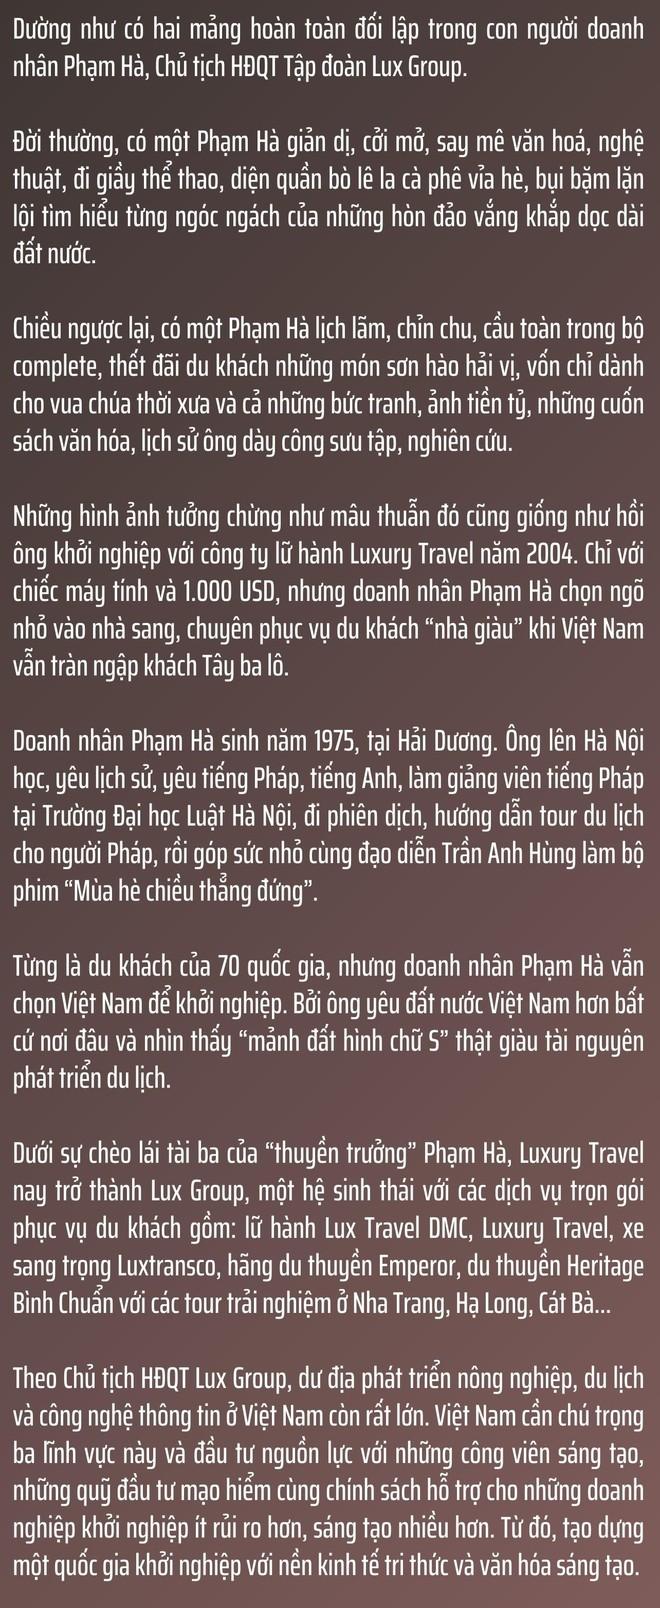 Chủ tịch Lux Group Phạm Hà: Chúng ta không thể thay đổi hướng gió, nhưng có thể thay đổi cánh buồm ảnh 2